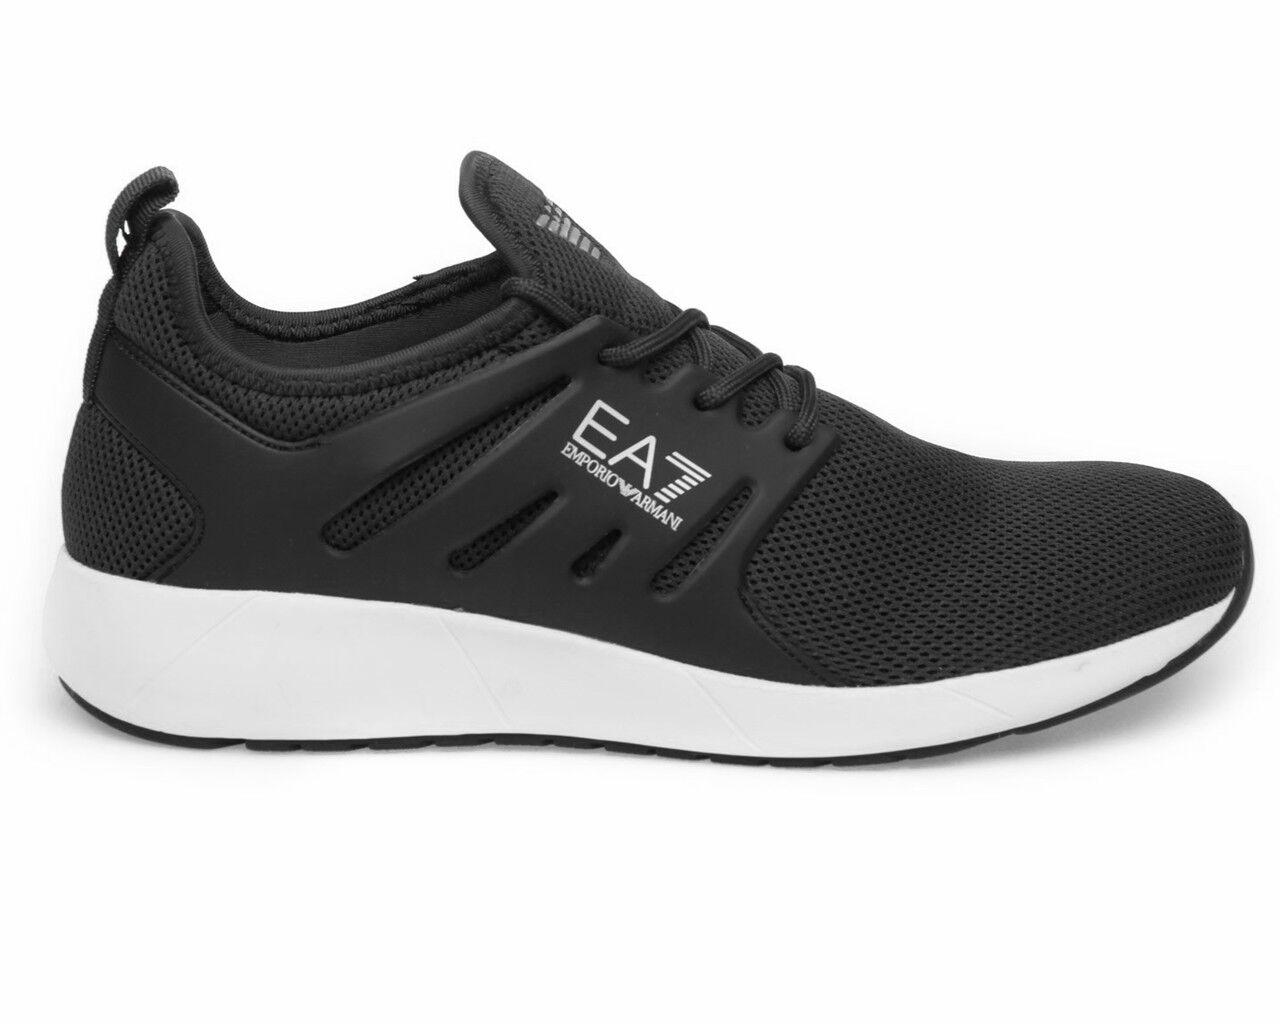 Emporio Arhommei paniers Minimal FonctionneHommest U EA7 paniers Homme Noir Chaussures De Sport